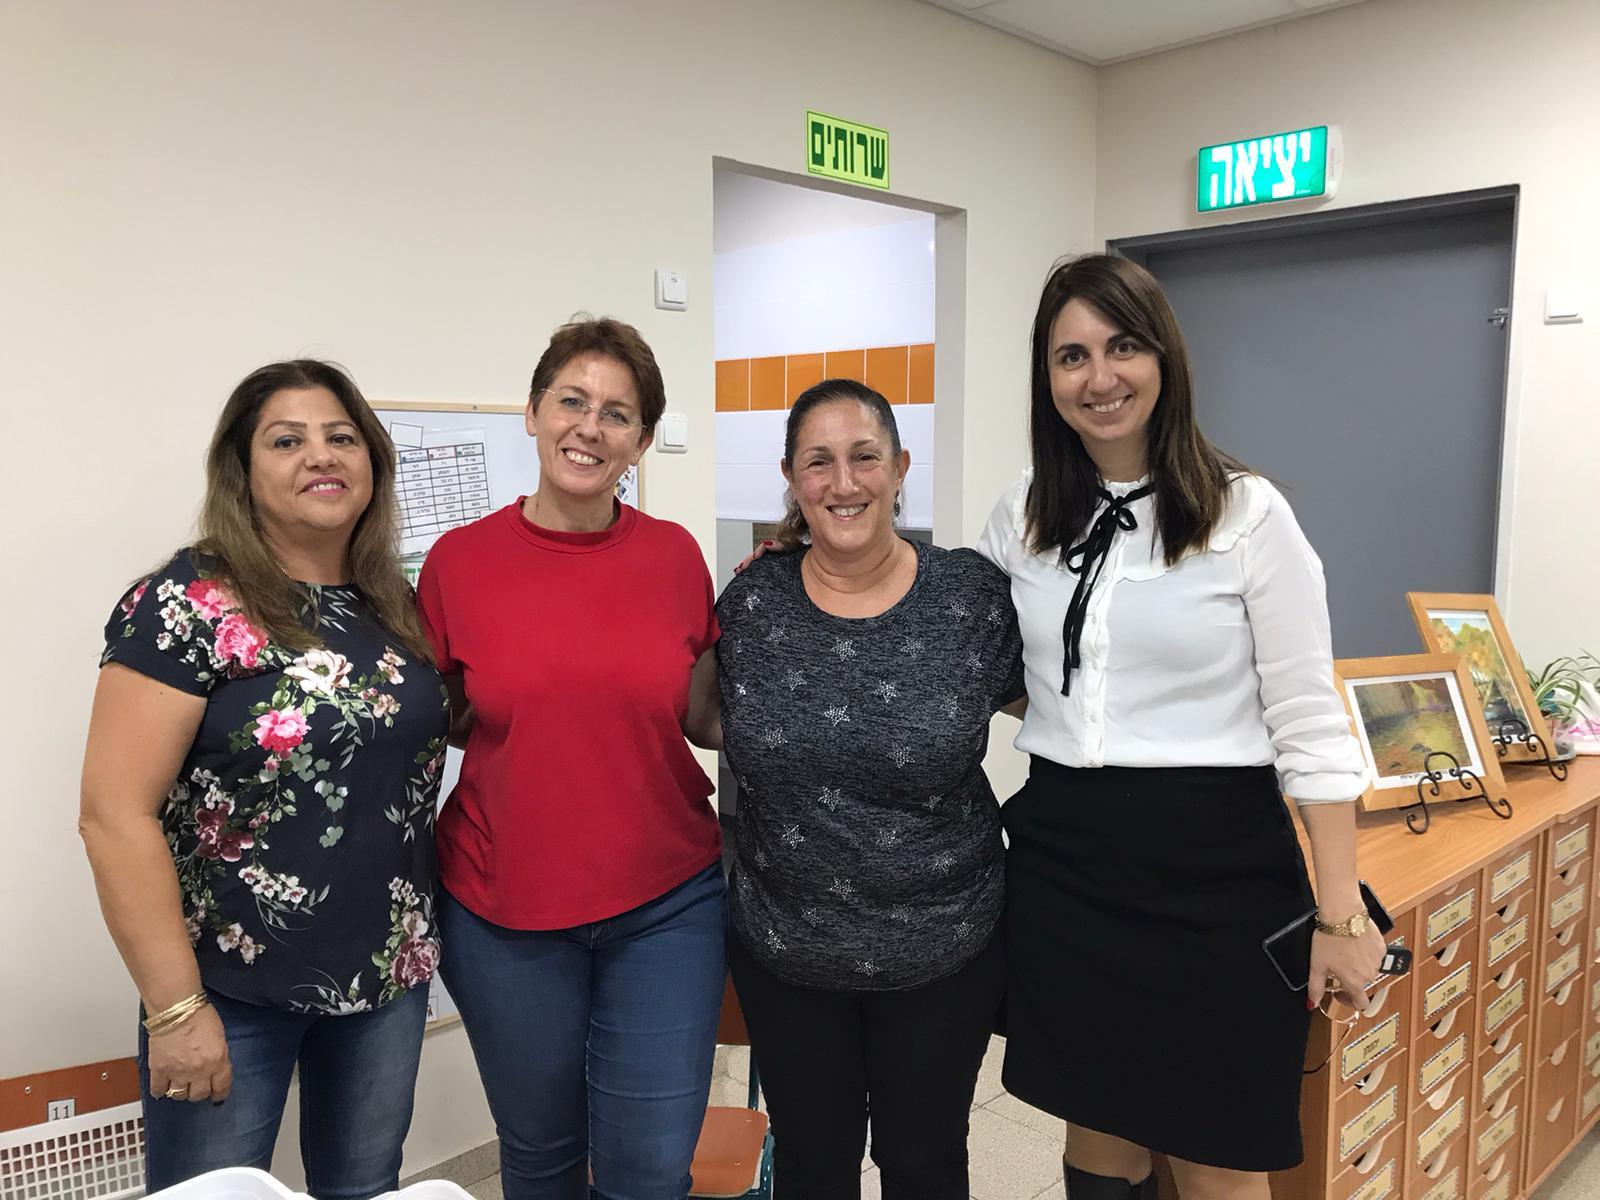 תמונה של צוות החינוך בגן ההתחדשות בשכונת שרונה כפר יונה ושל עיריית כפר יונה